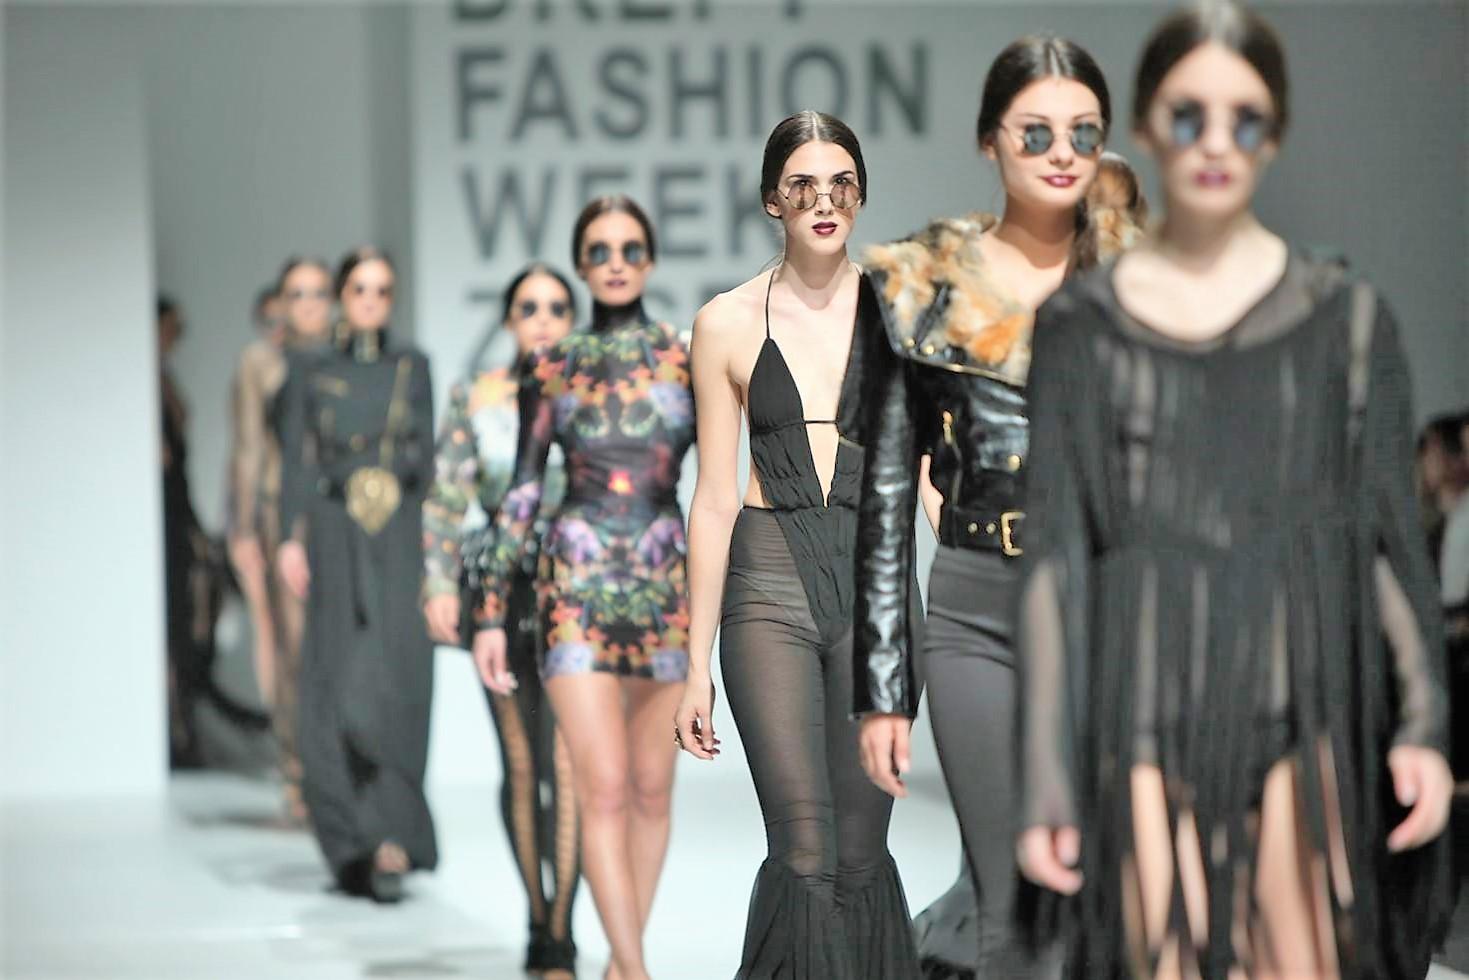 La moda porta a milano 1 7 miliardi di euro al mese for Mode milano